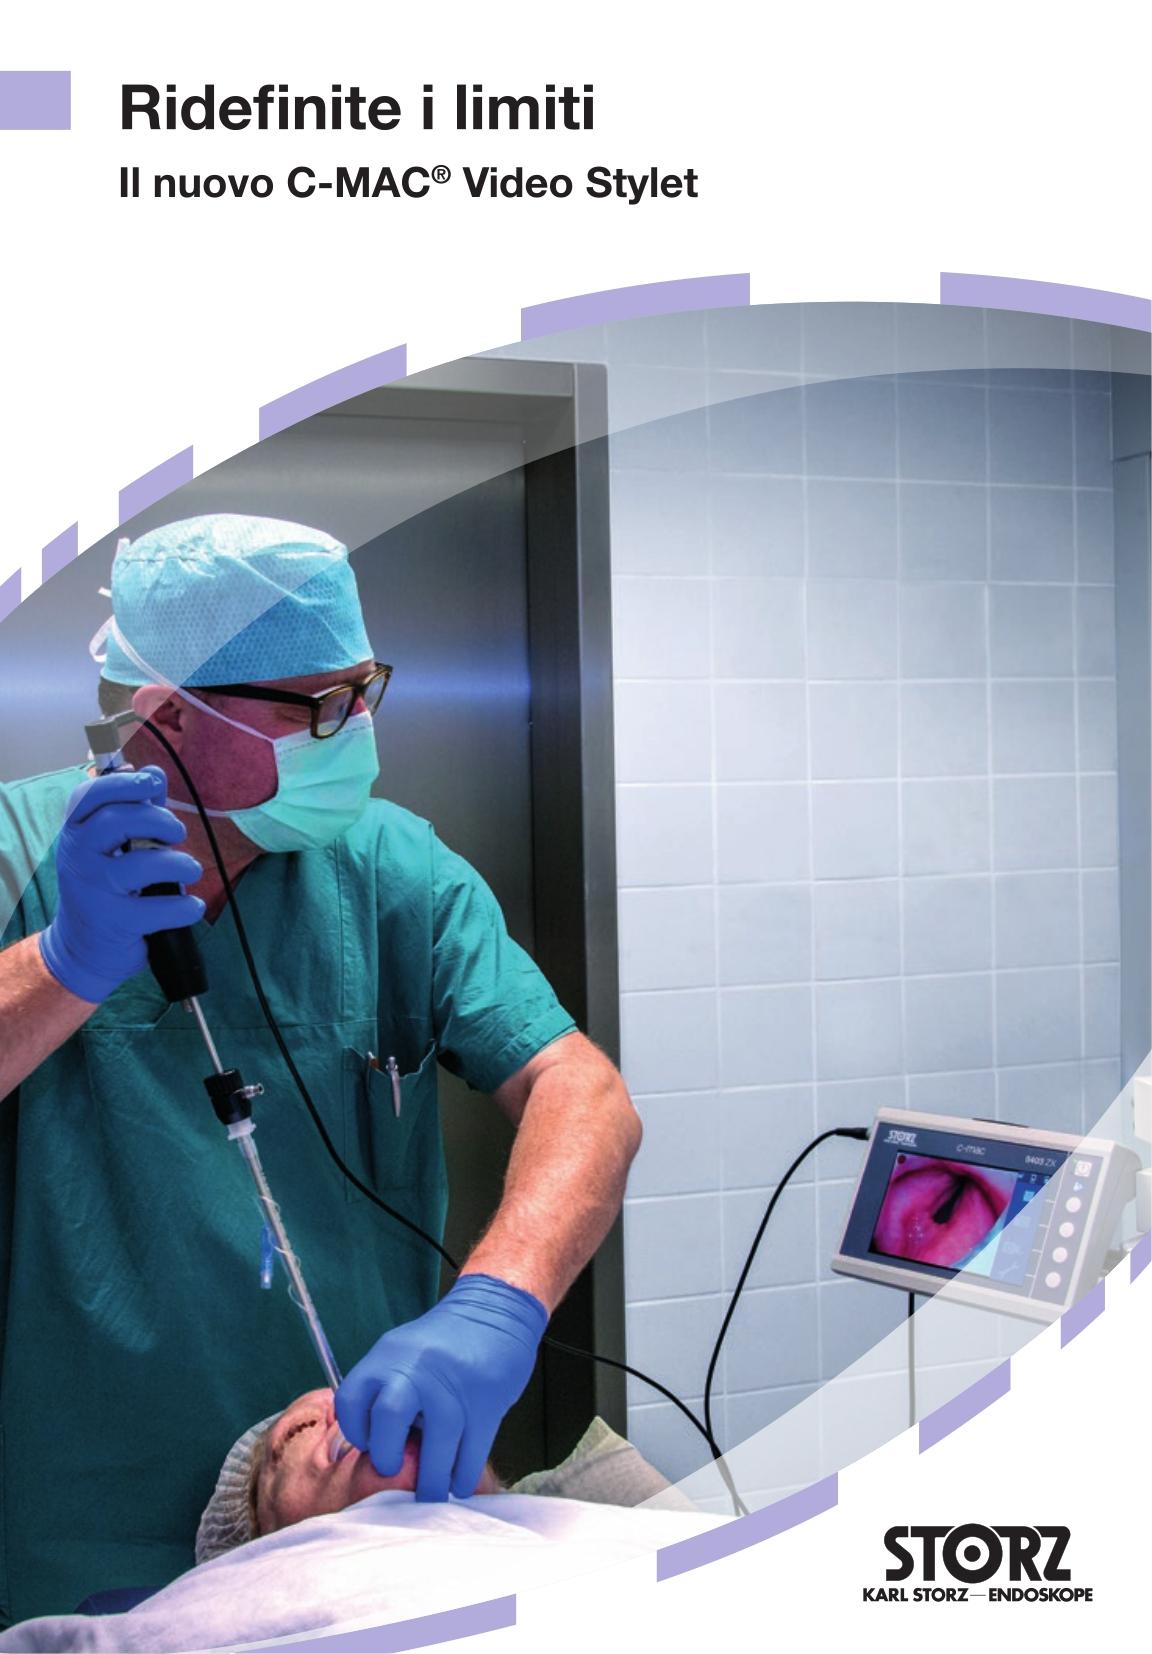 Anestesia e medicina d'emergenza - Ridefinite i limiti – Il nuovo C-MAC® Video Stylet